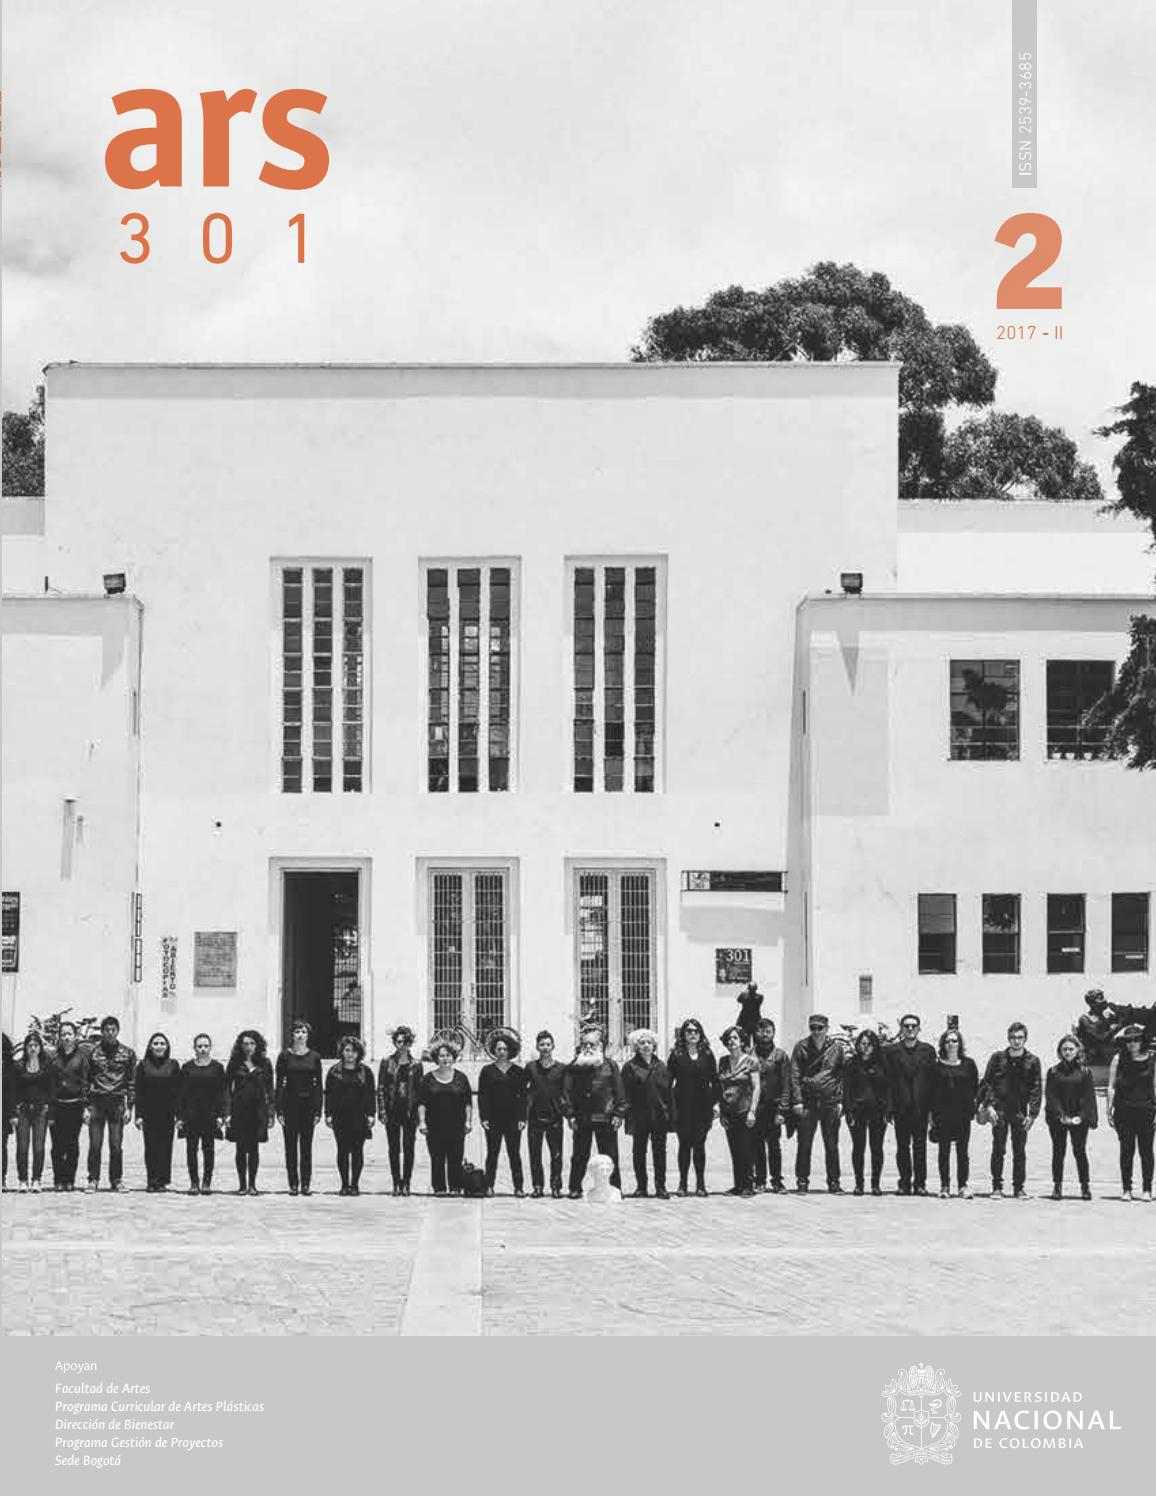 Revista ars 301 Nº 2 - Versión digital by Revista ars 301 - issuu